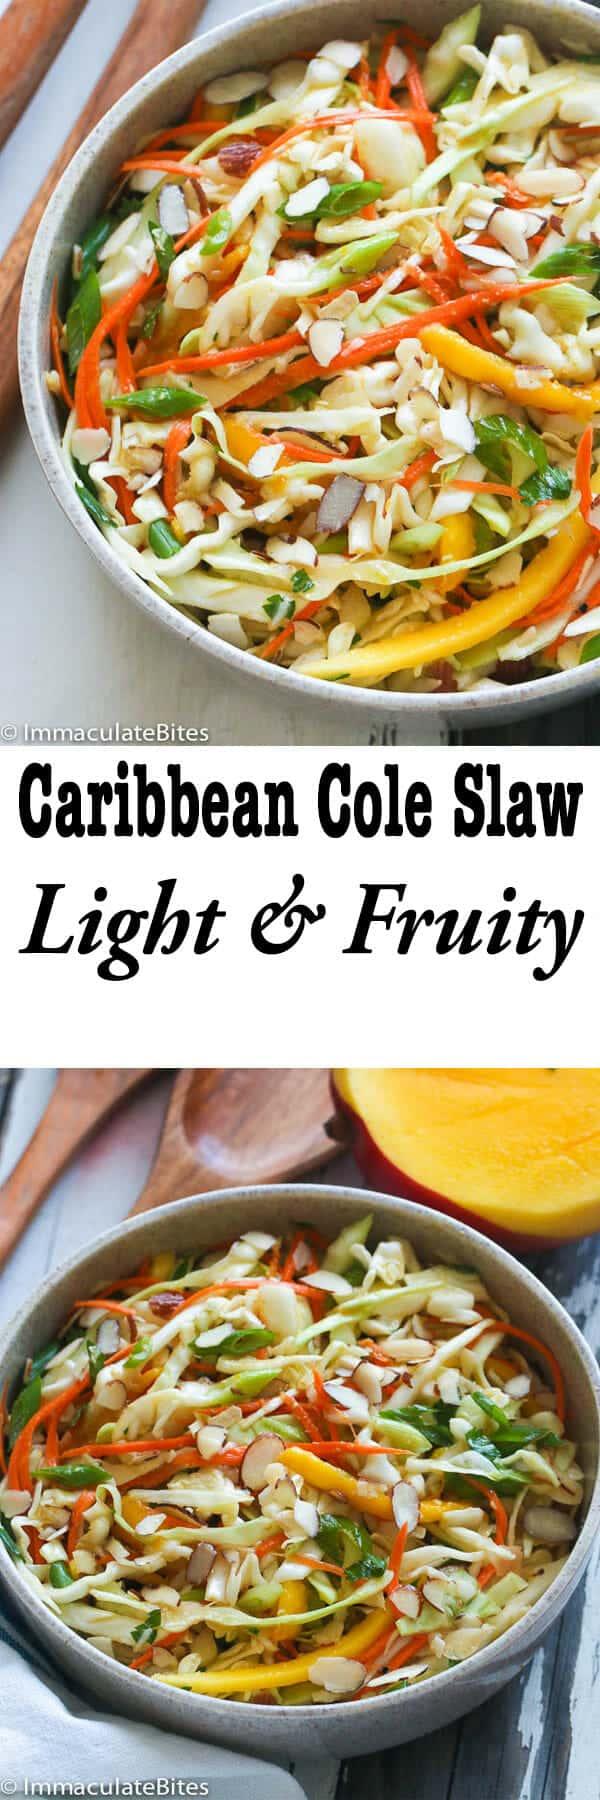 Caribbean Cole Slaw